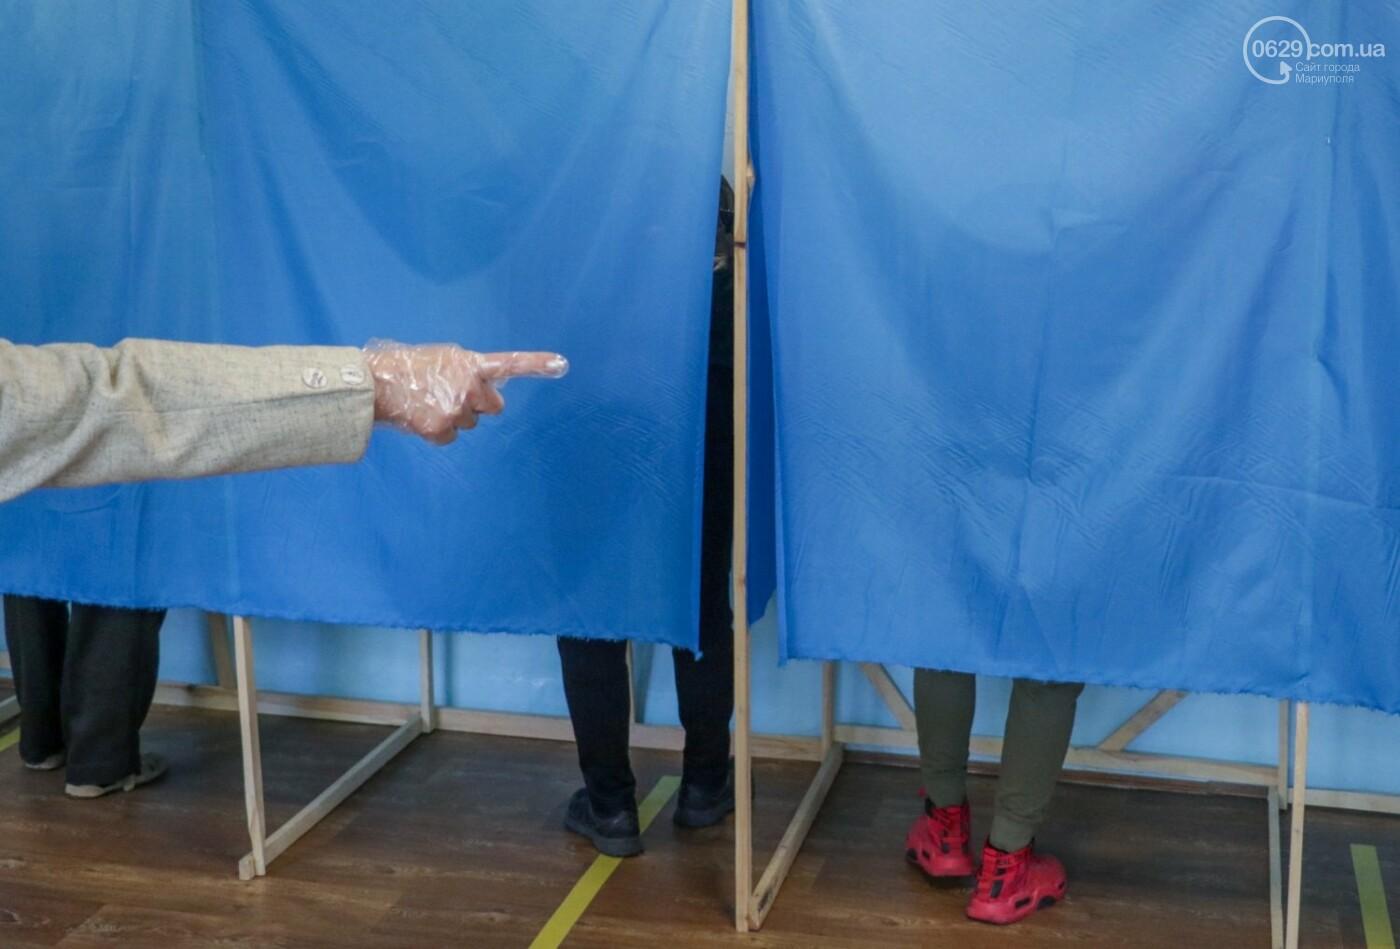 Как проходят выборы в Мариуполе – в 32-х фотографиях, - ФОТОРЕПОРТАЖ, фото-5